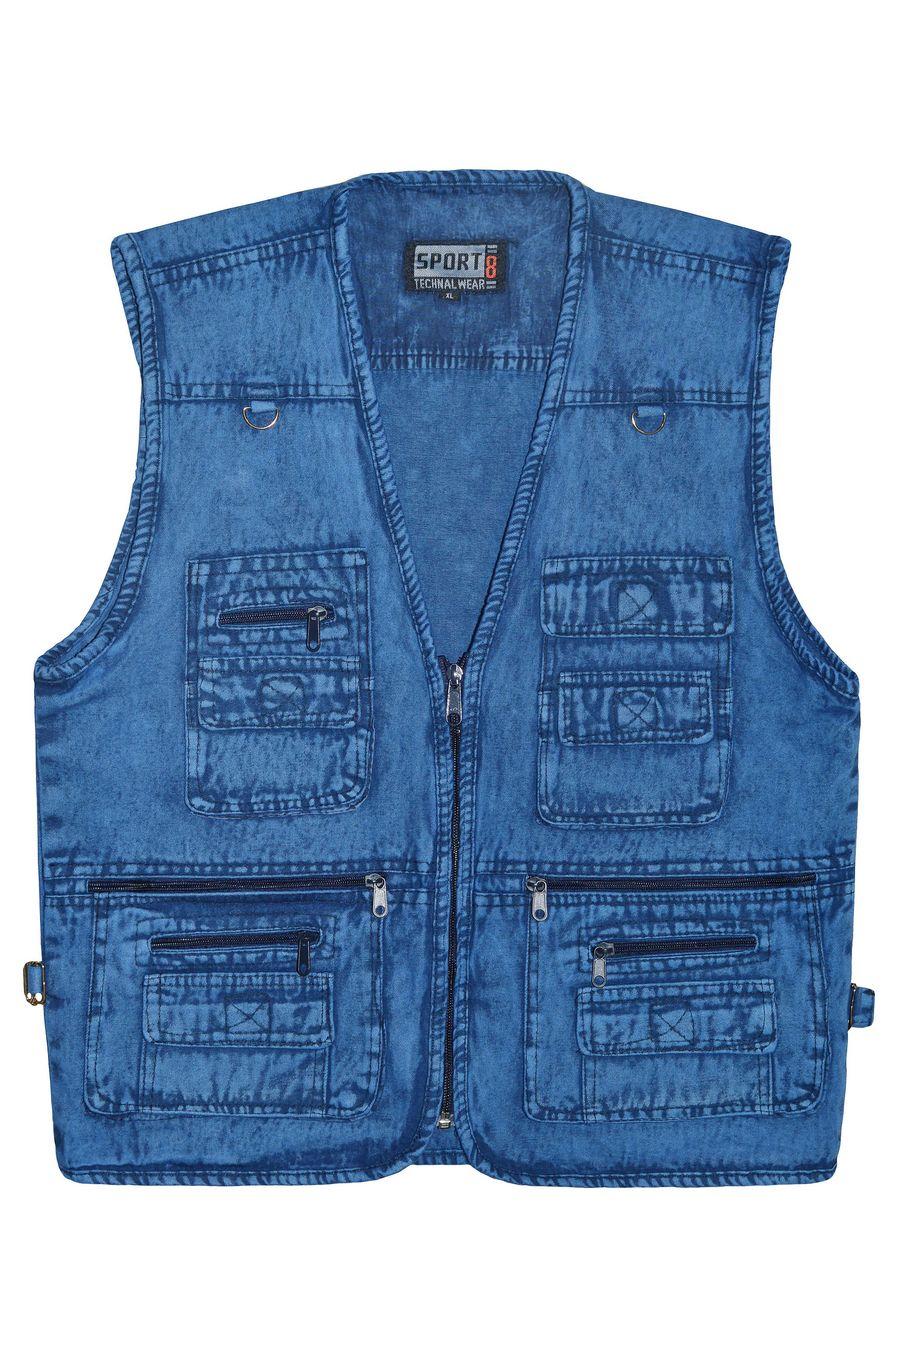 Жилет мужской Sport #10 джинсовый синий - фото 1